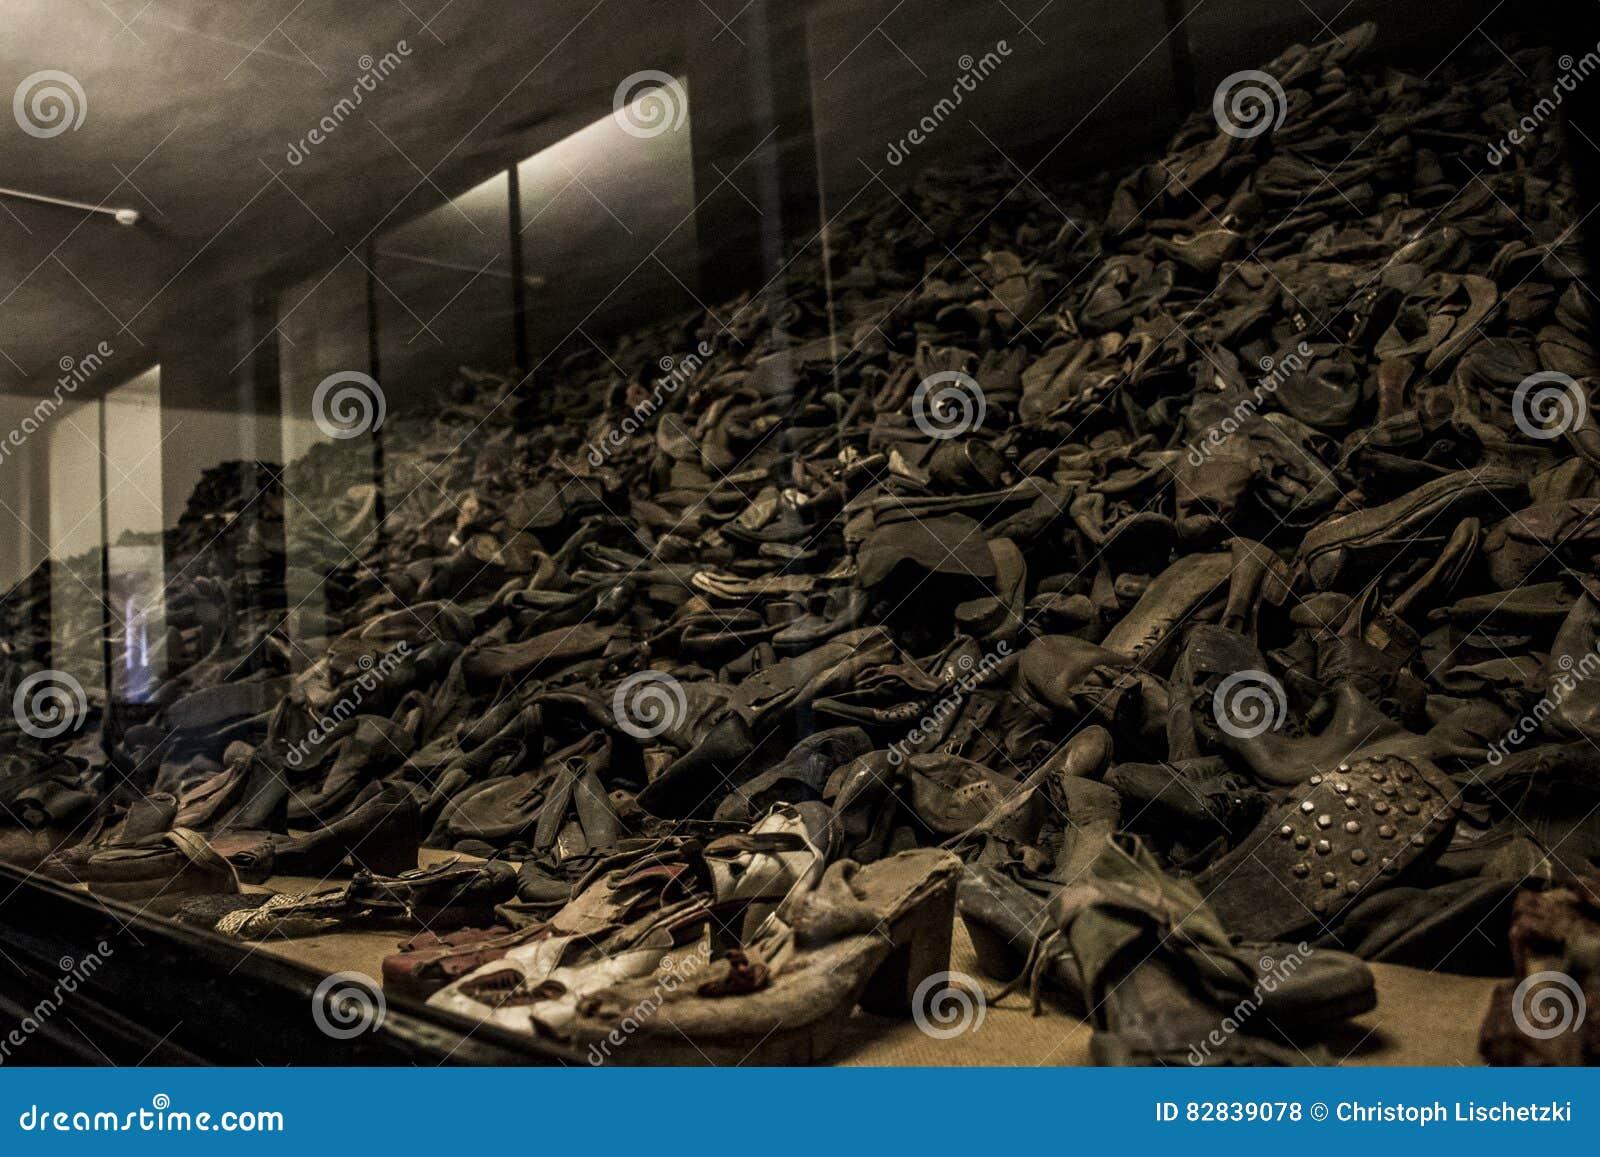 Chaussures Concentration Qui Des Camp Étaient De Personnes rxtBhdCsQ